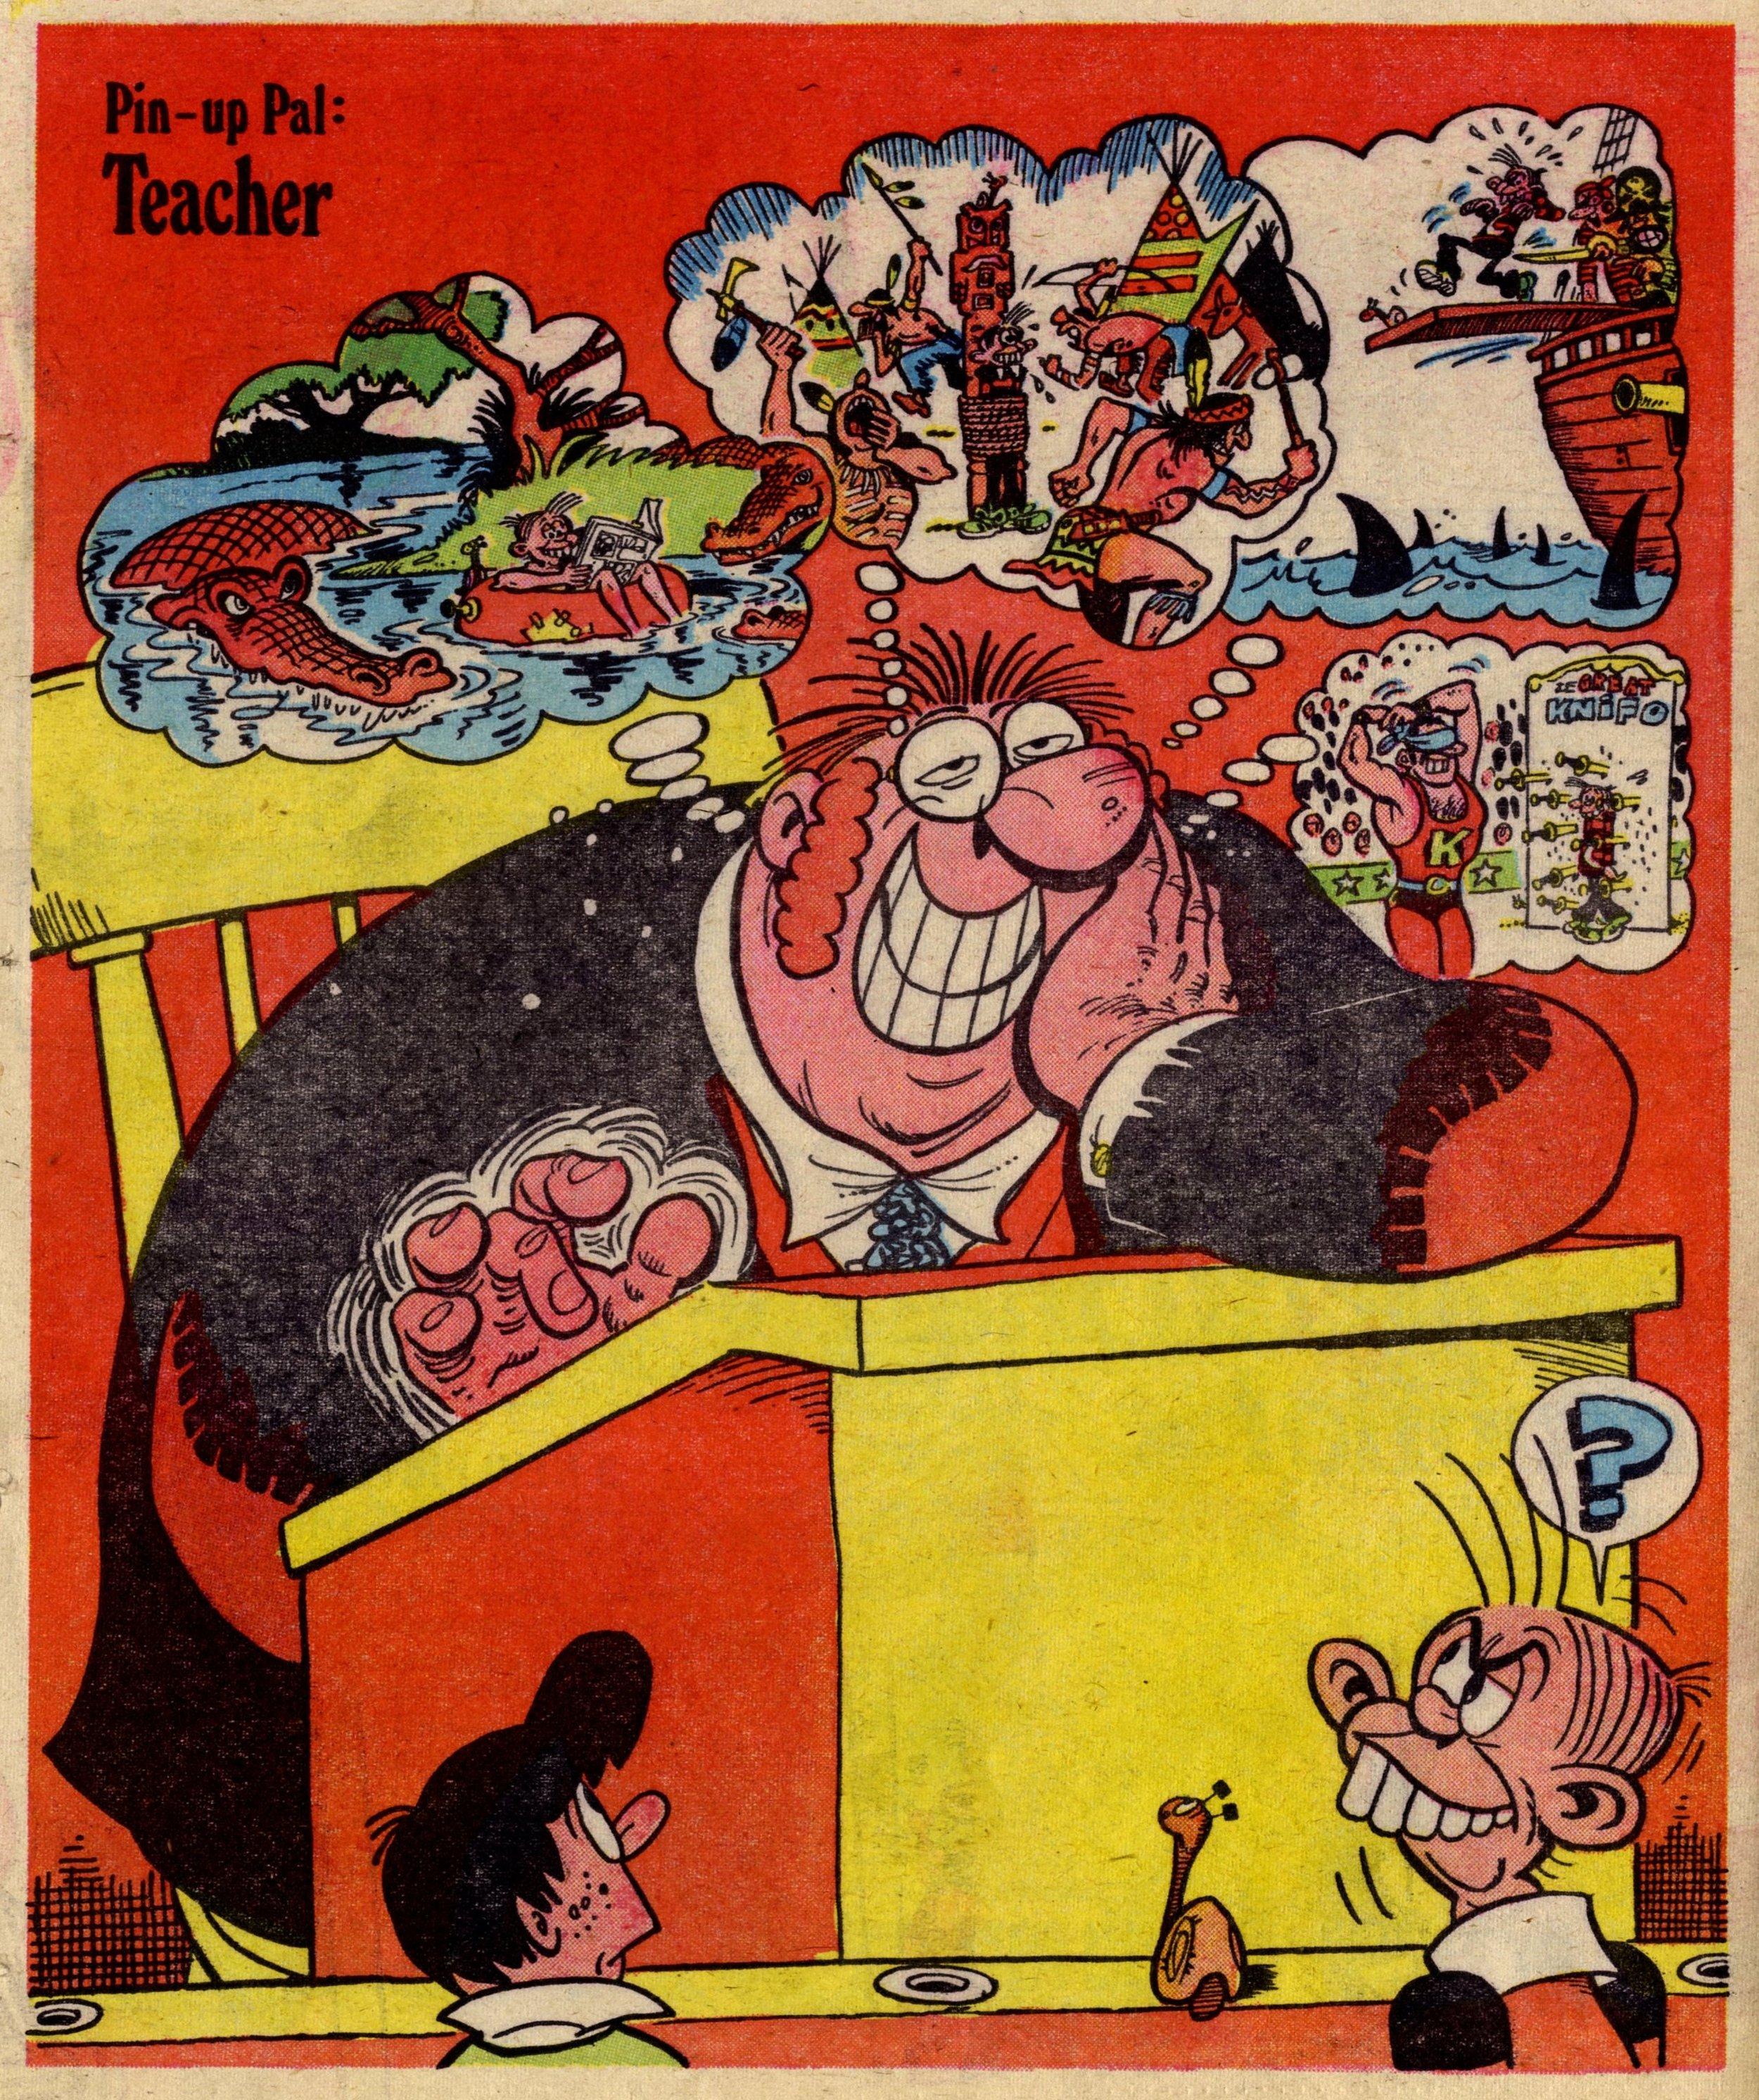 Pin-up Pal: Teacher (artist Frank McDiarmid), 12 August 1978